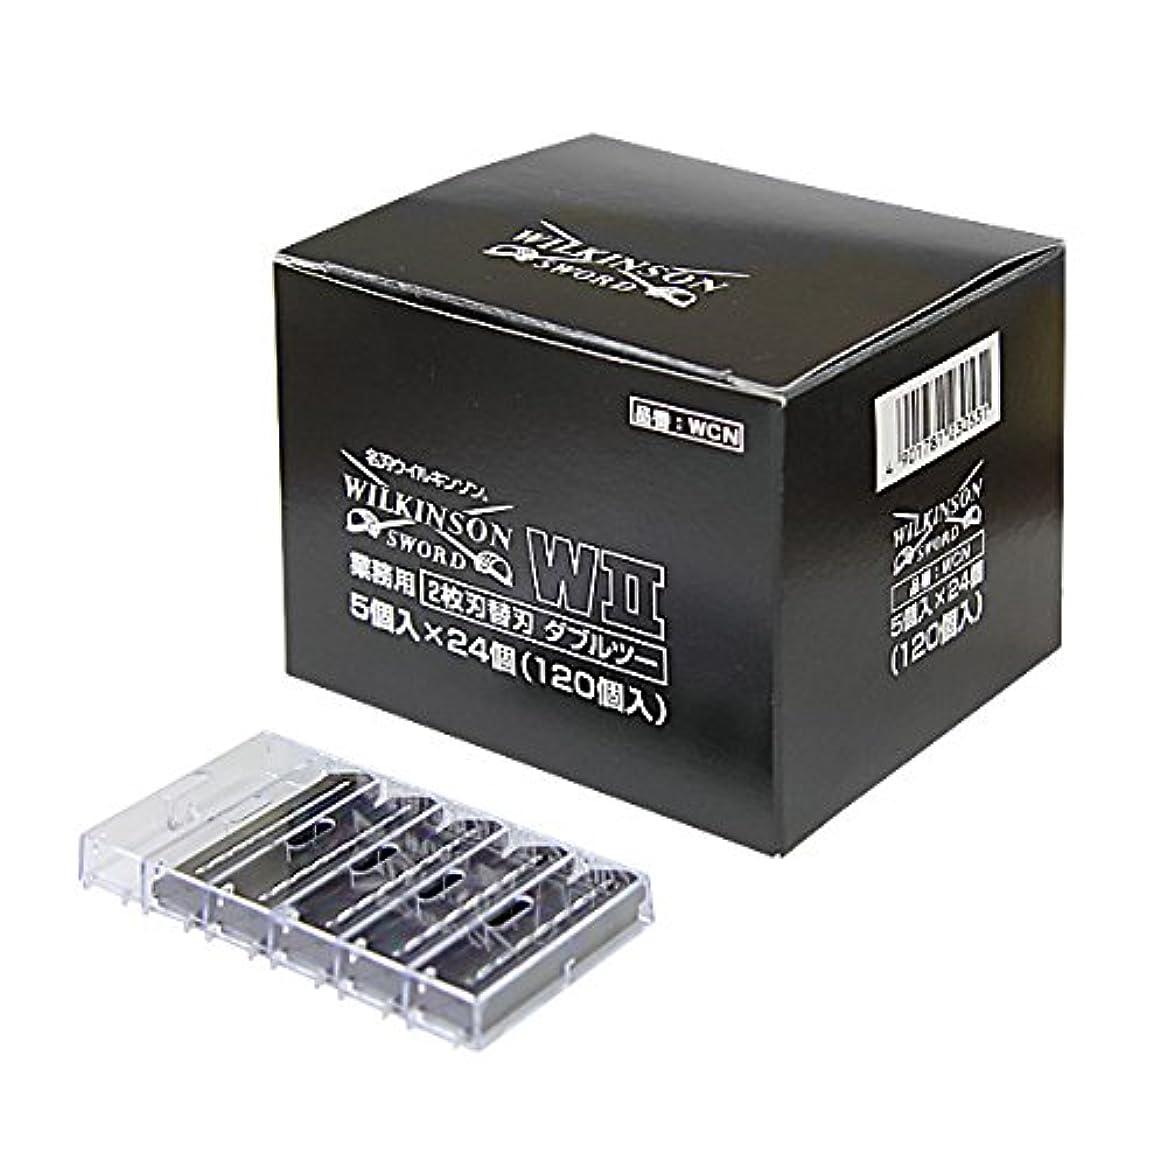 危険虚偽プラグウィルキンソン?ソード W2(ダブルツー)替刃 5個×24(1箱120個)二枚刃式 WILKINSON W2